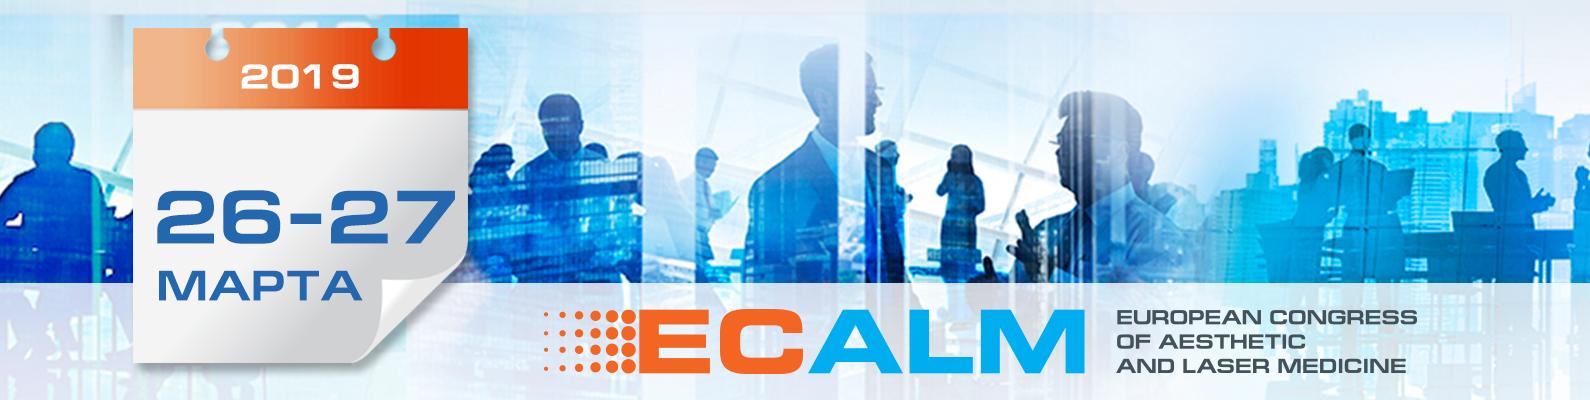 ECALM 2019 - уникальный специализированный конгресс по лазерным и инъекционным технологиям в эстетической медицине и дерматологии.